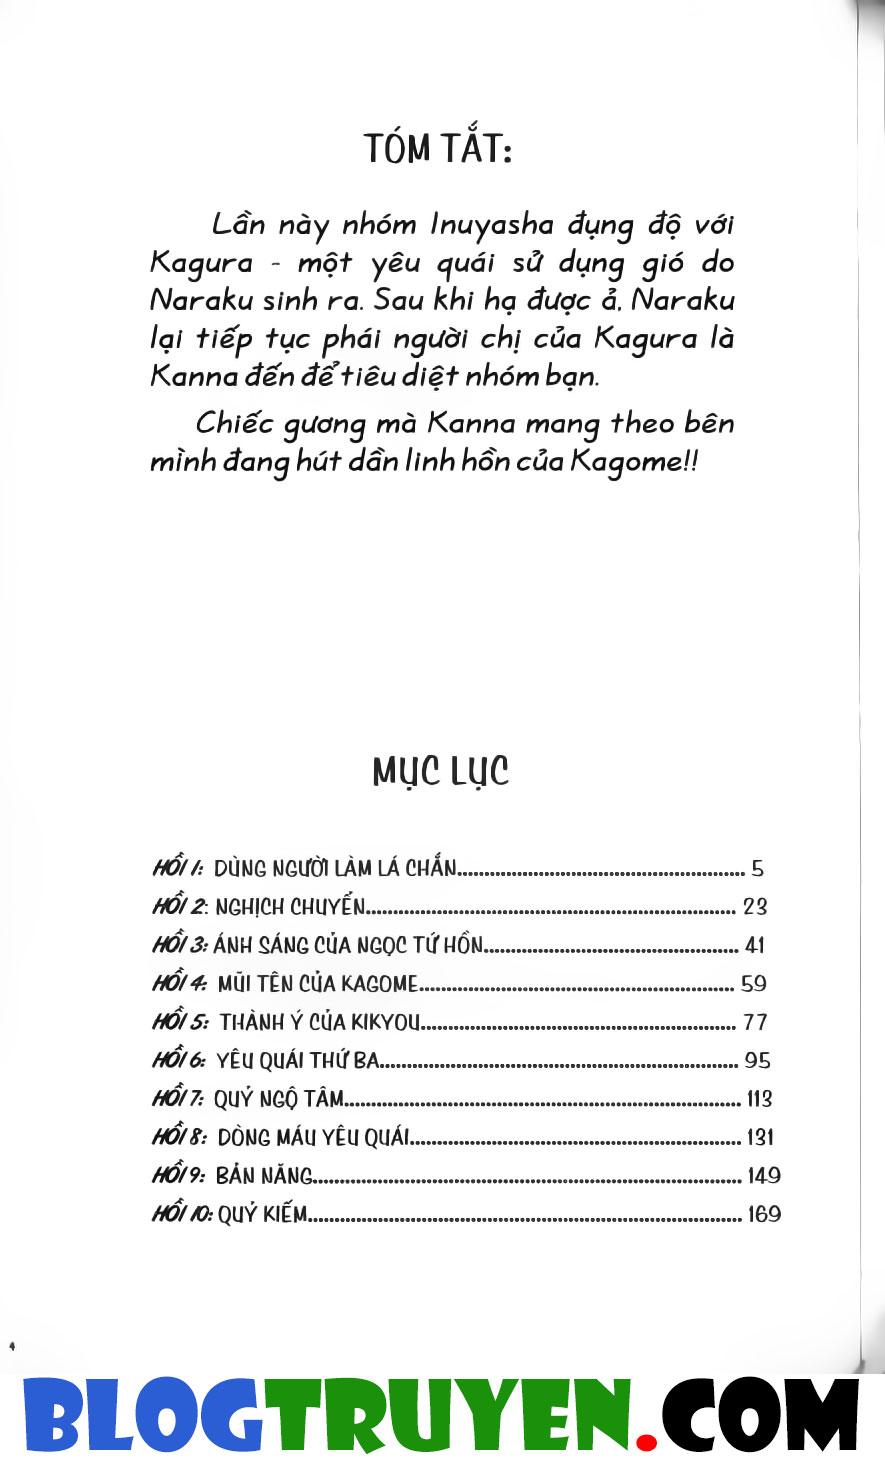 Inuyasha vol 16.1 trang 3